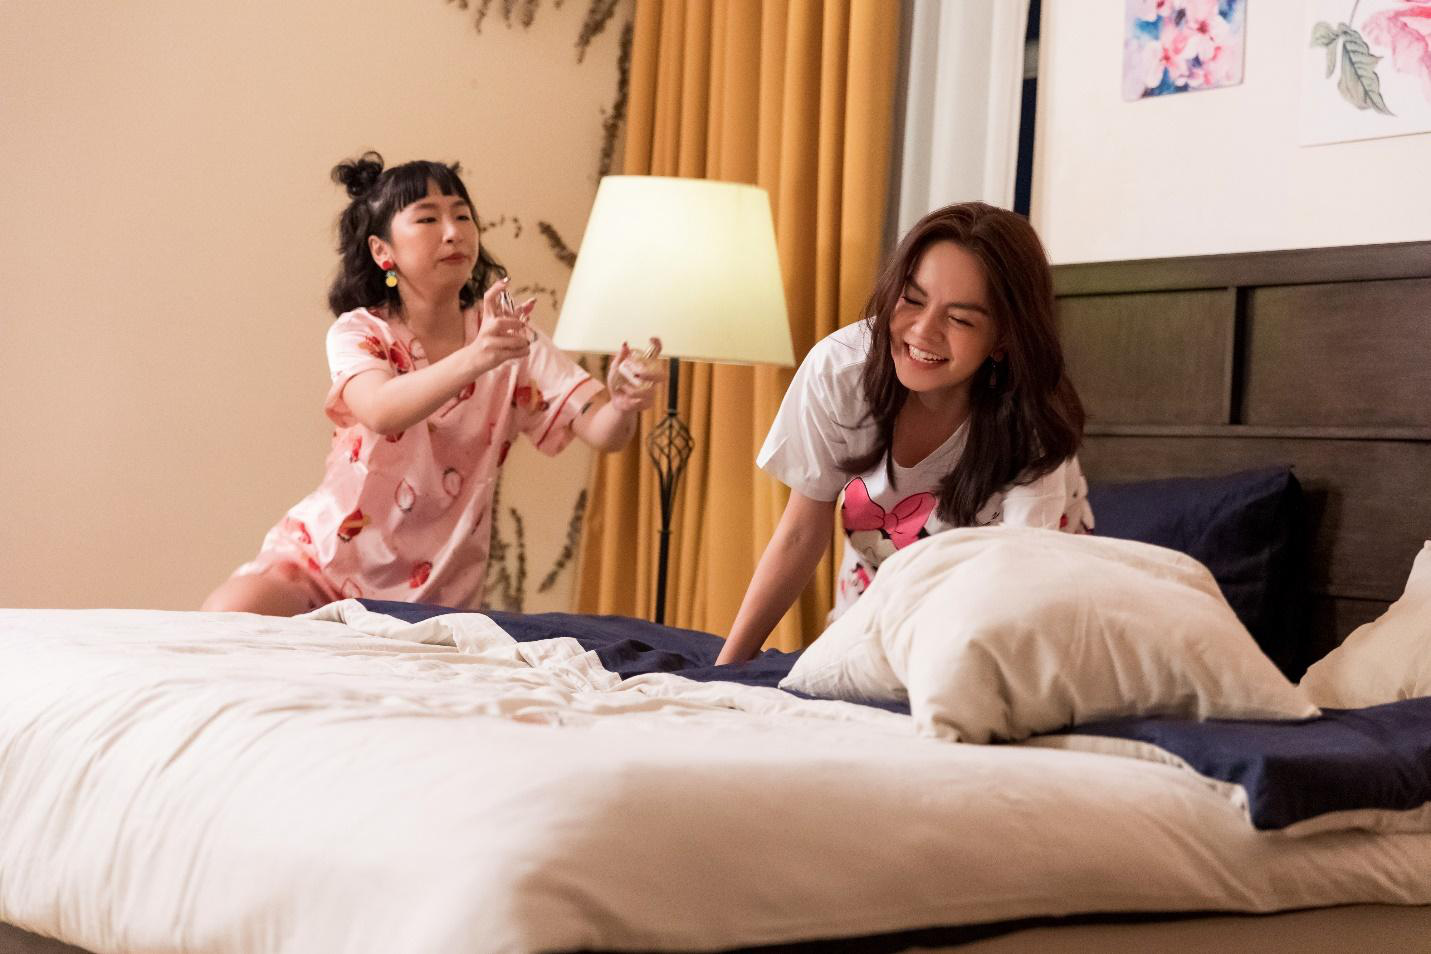 """Zoom kỹ MV triệu views """"Xiêu lòng"""" phát hiện ra bí kíp """"thôi miên"""" trai trẻ của Phạm Quỳnh Anh - Ảnh 3."""